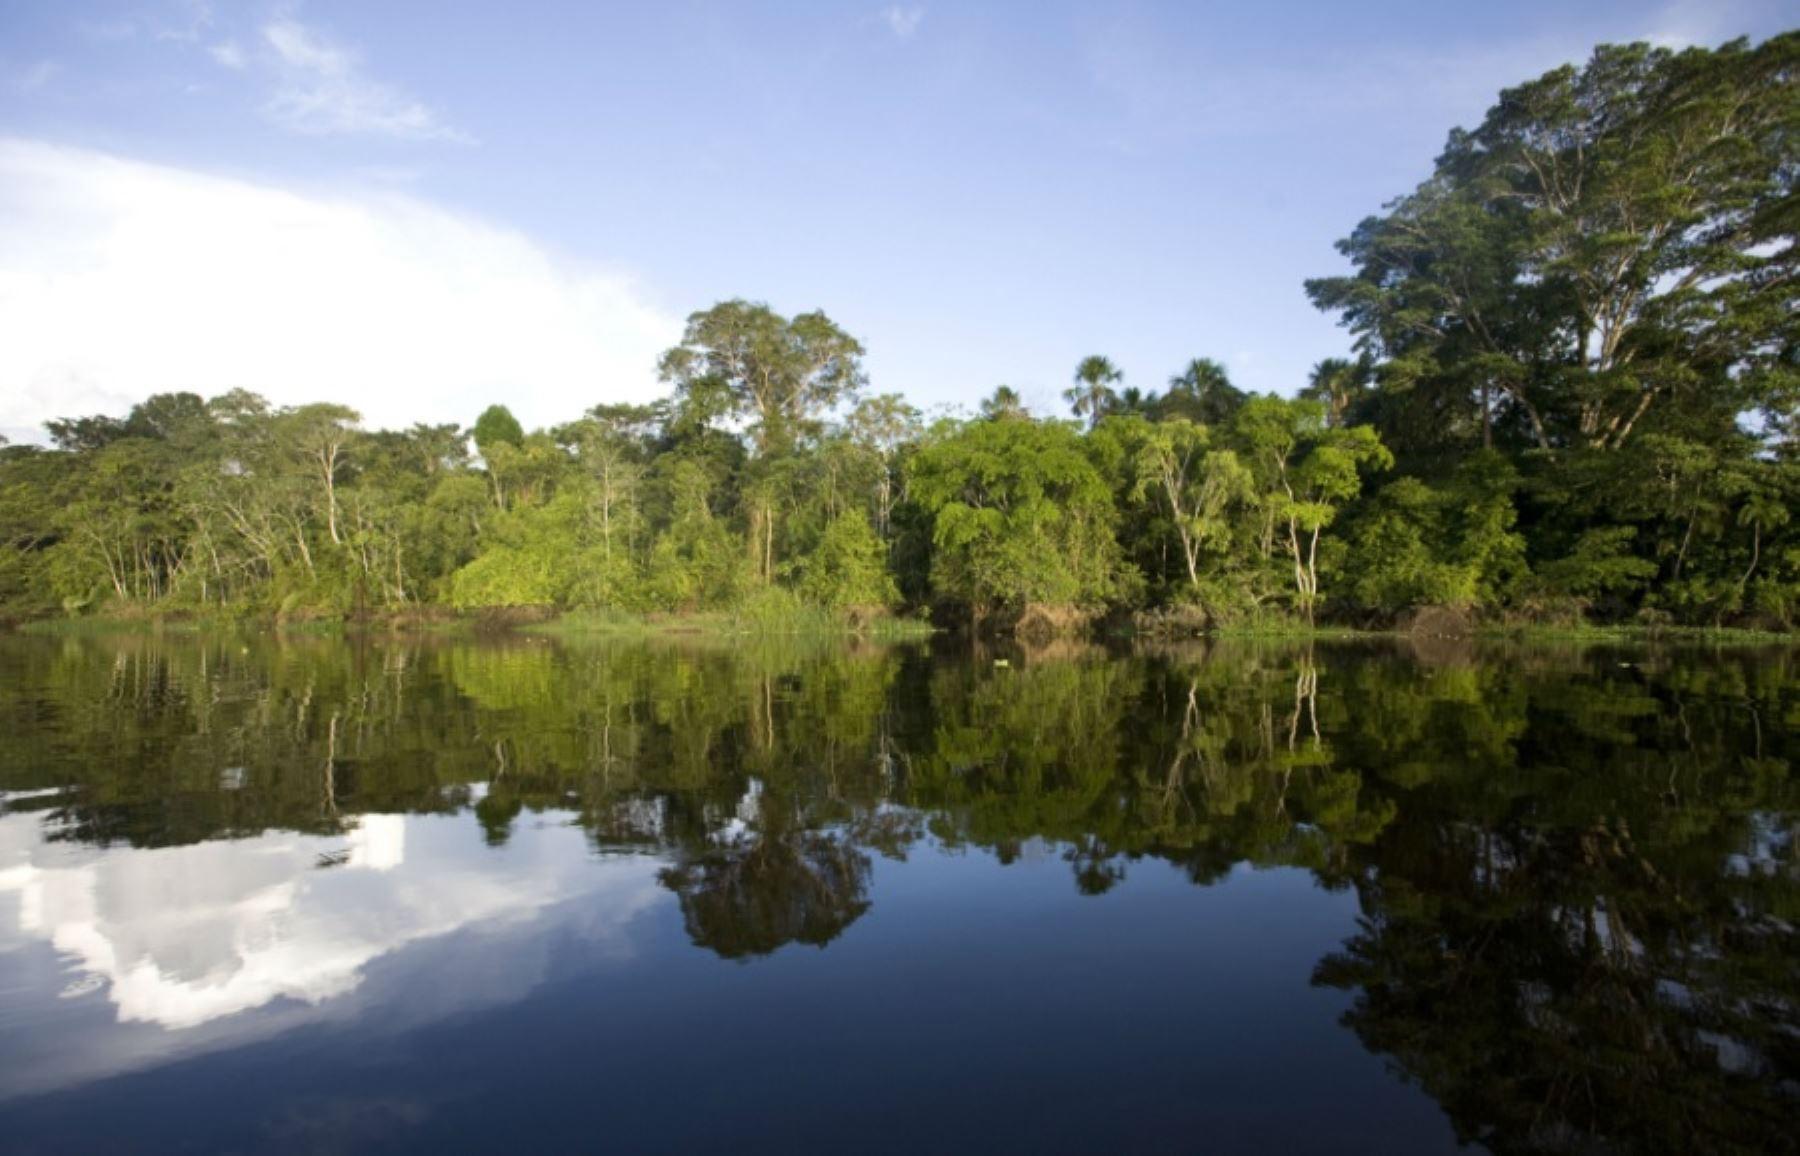 El Ministerio del Ambiente reconoció el área de conservación privada Fundo Rosita, por un período de 10 años, sobre una superficie de 244.92 hectáreas, en el sector Peña Negra, del distrito de San Juan Bautista, provincia de Maynas, departamento de Loreto.